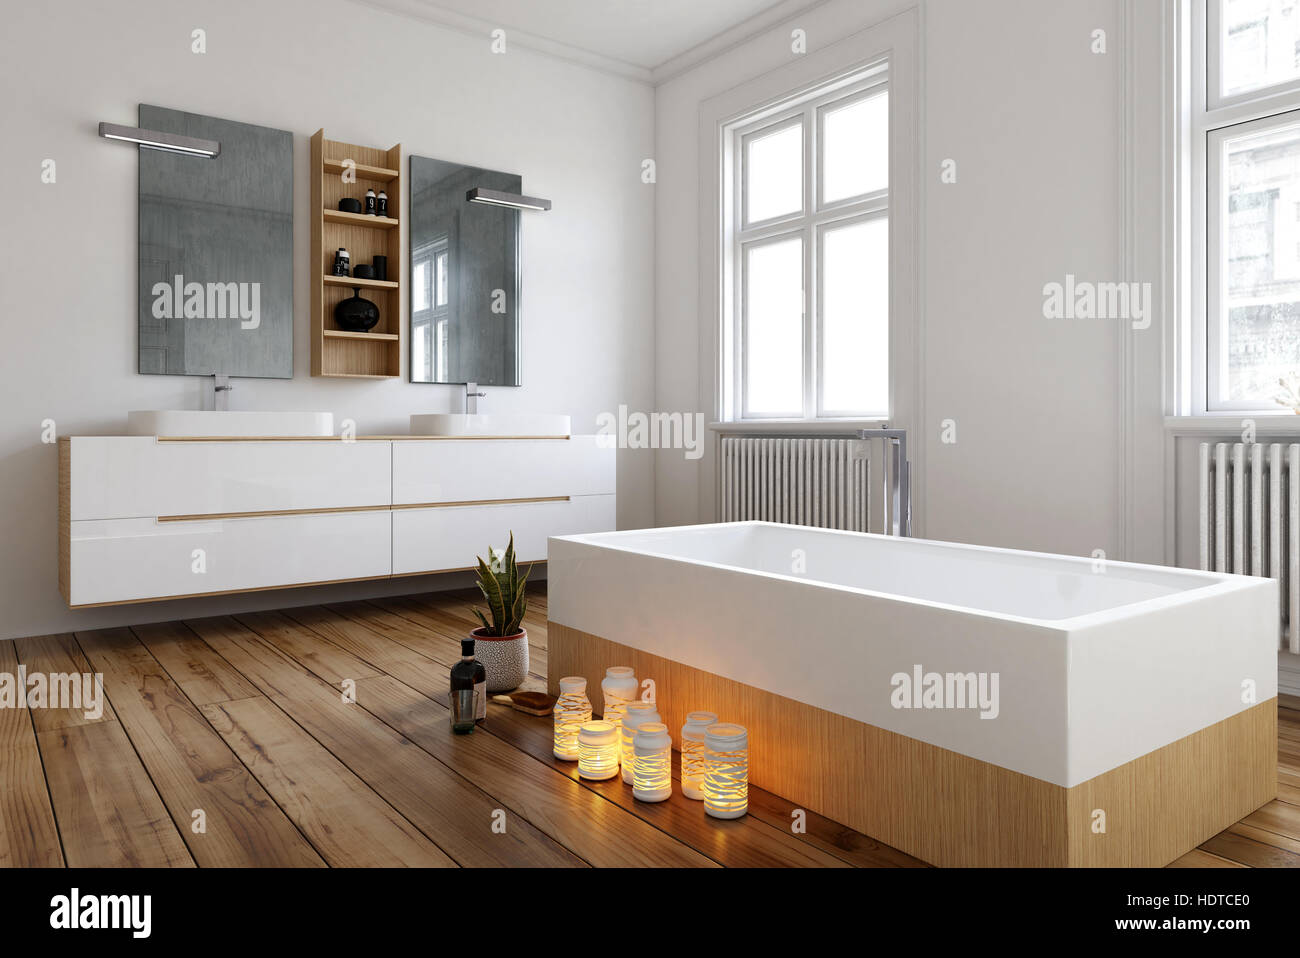 Bagno Romantico Foto : Bagno romantico con candele accese a fianco di una moderna vasca